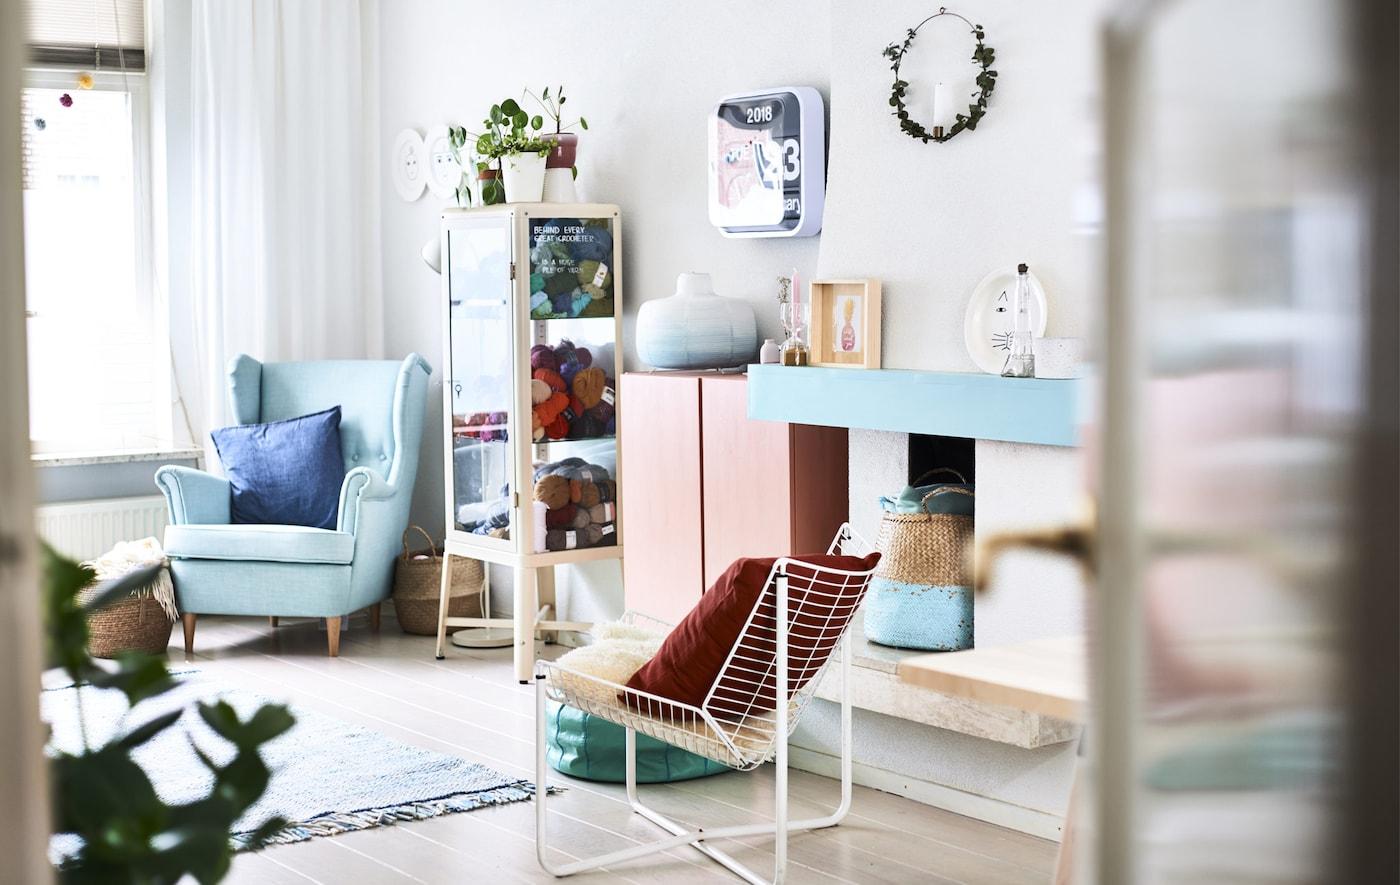 entspannungsecke im wohnzimmer einrichten ikea ikea